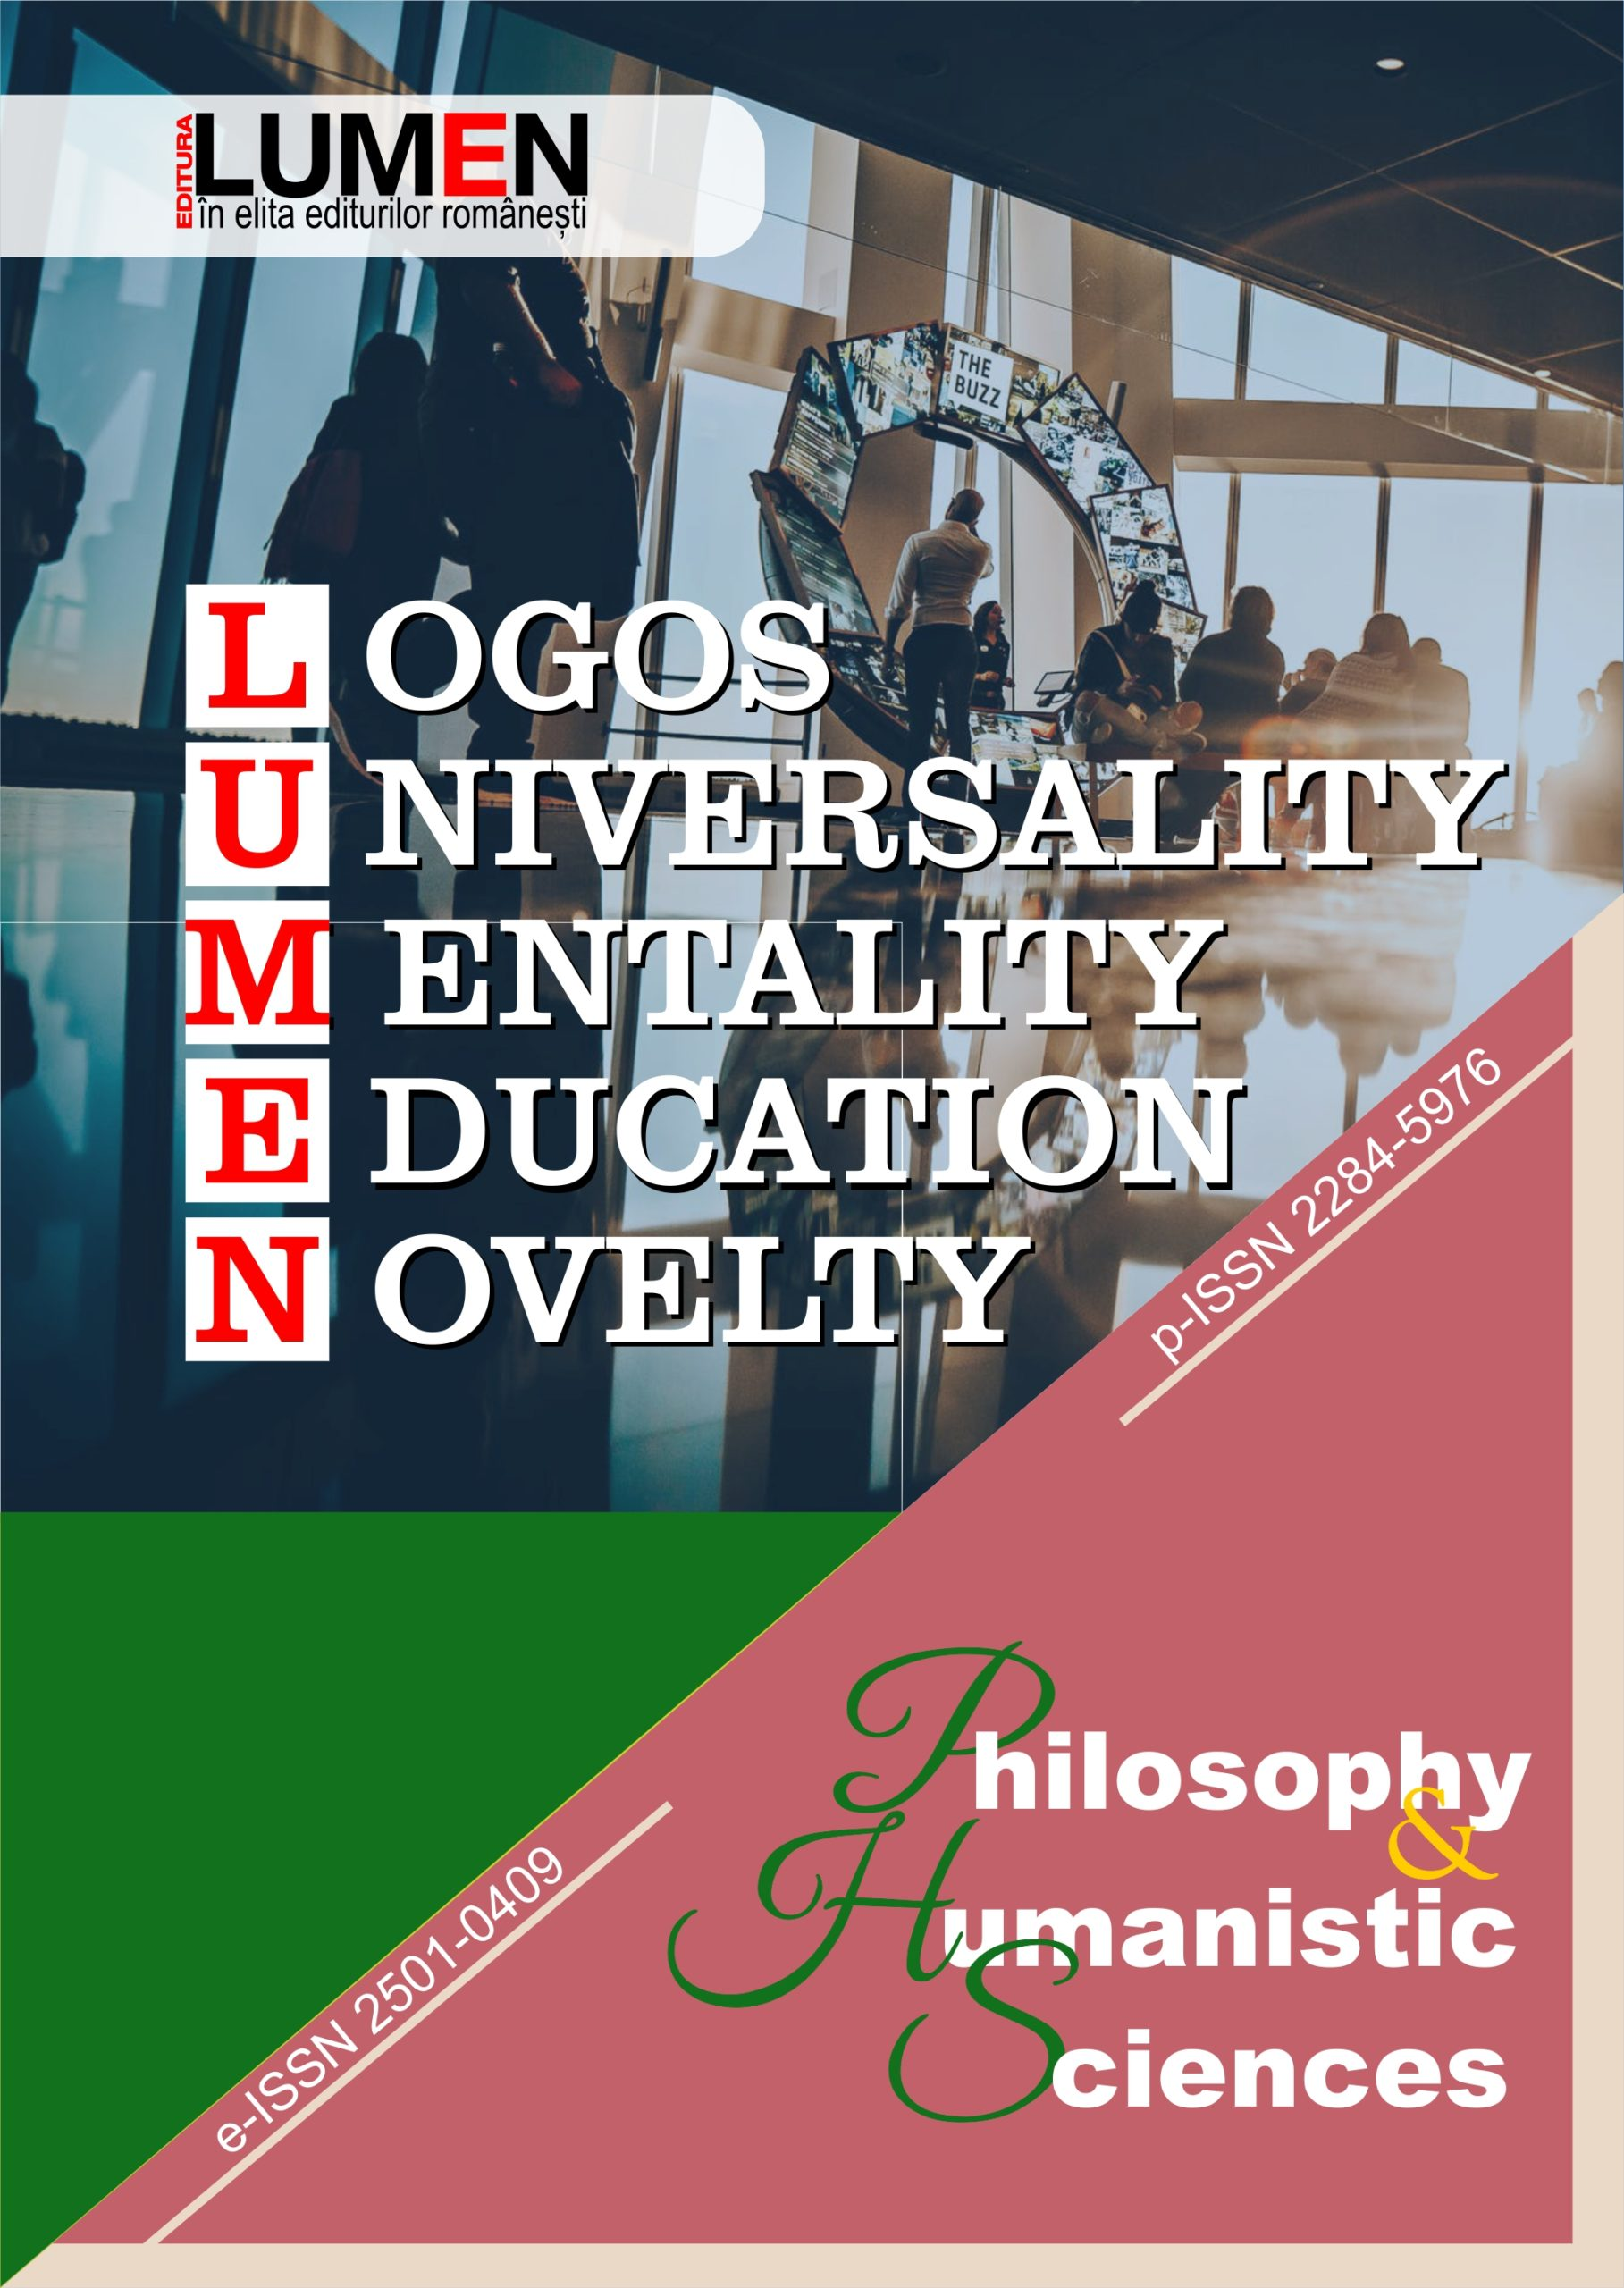 Publica cartea ta la Editura Stiintifica Lumen COVER LOGOS PHS 2019 scaled